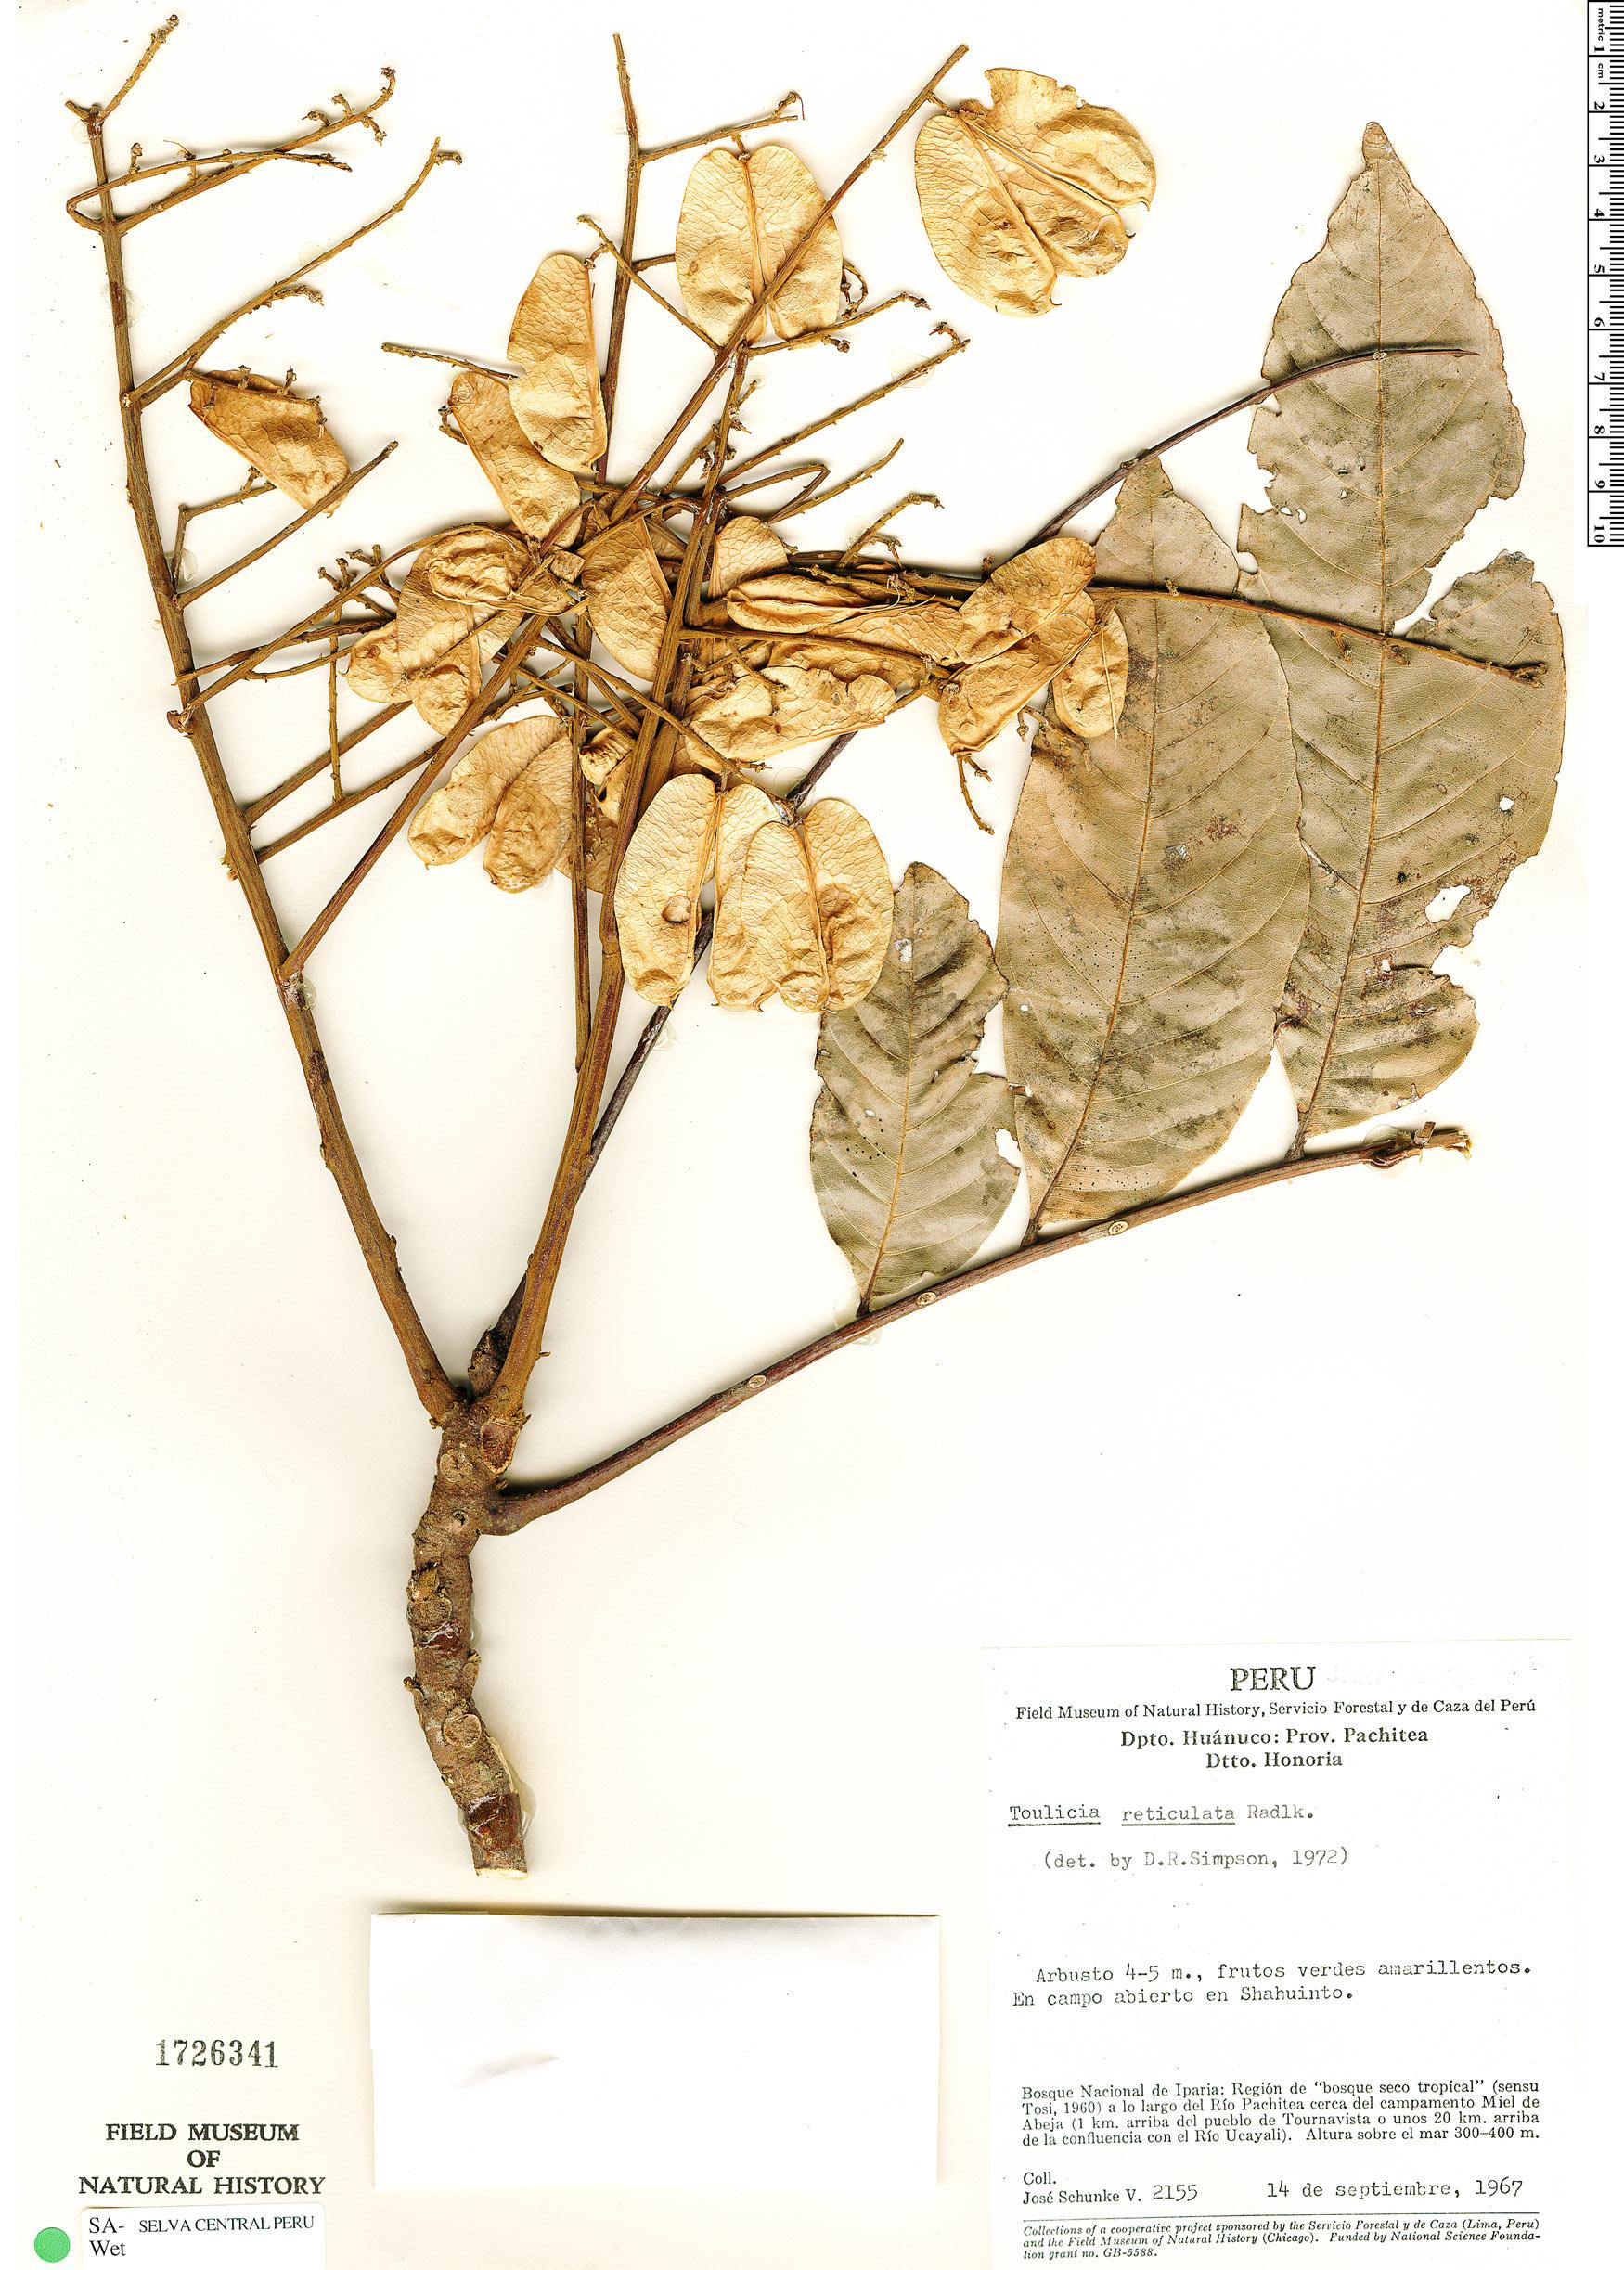 Specimen: Toulicia reticulata